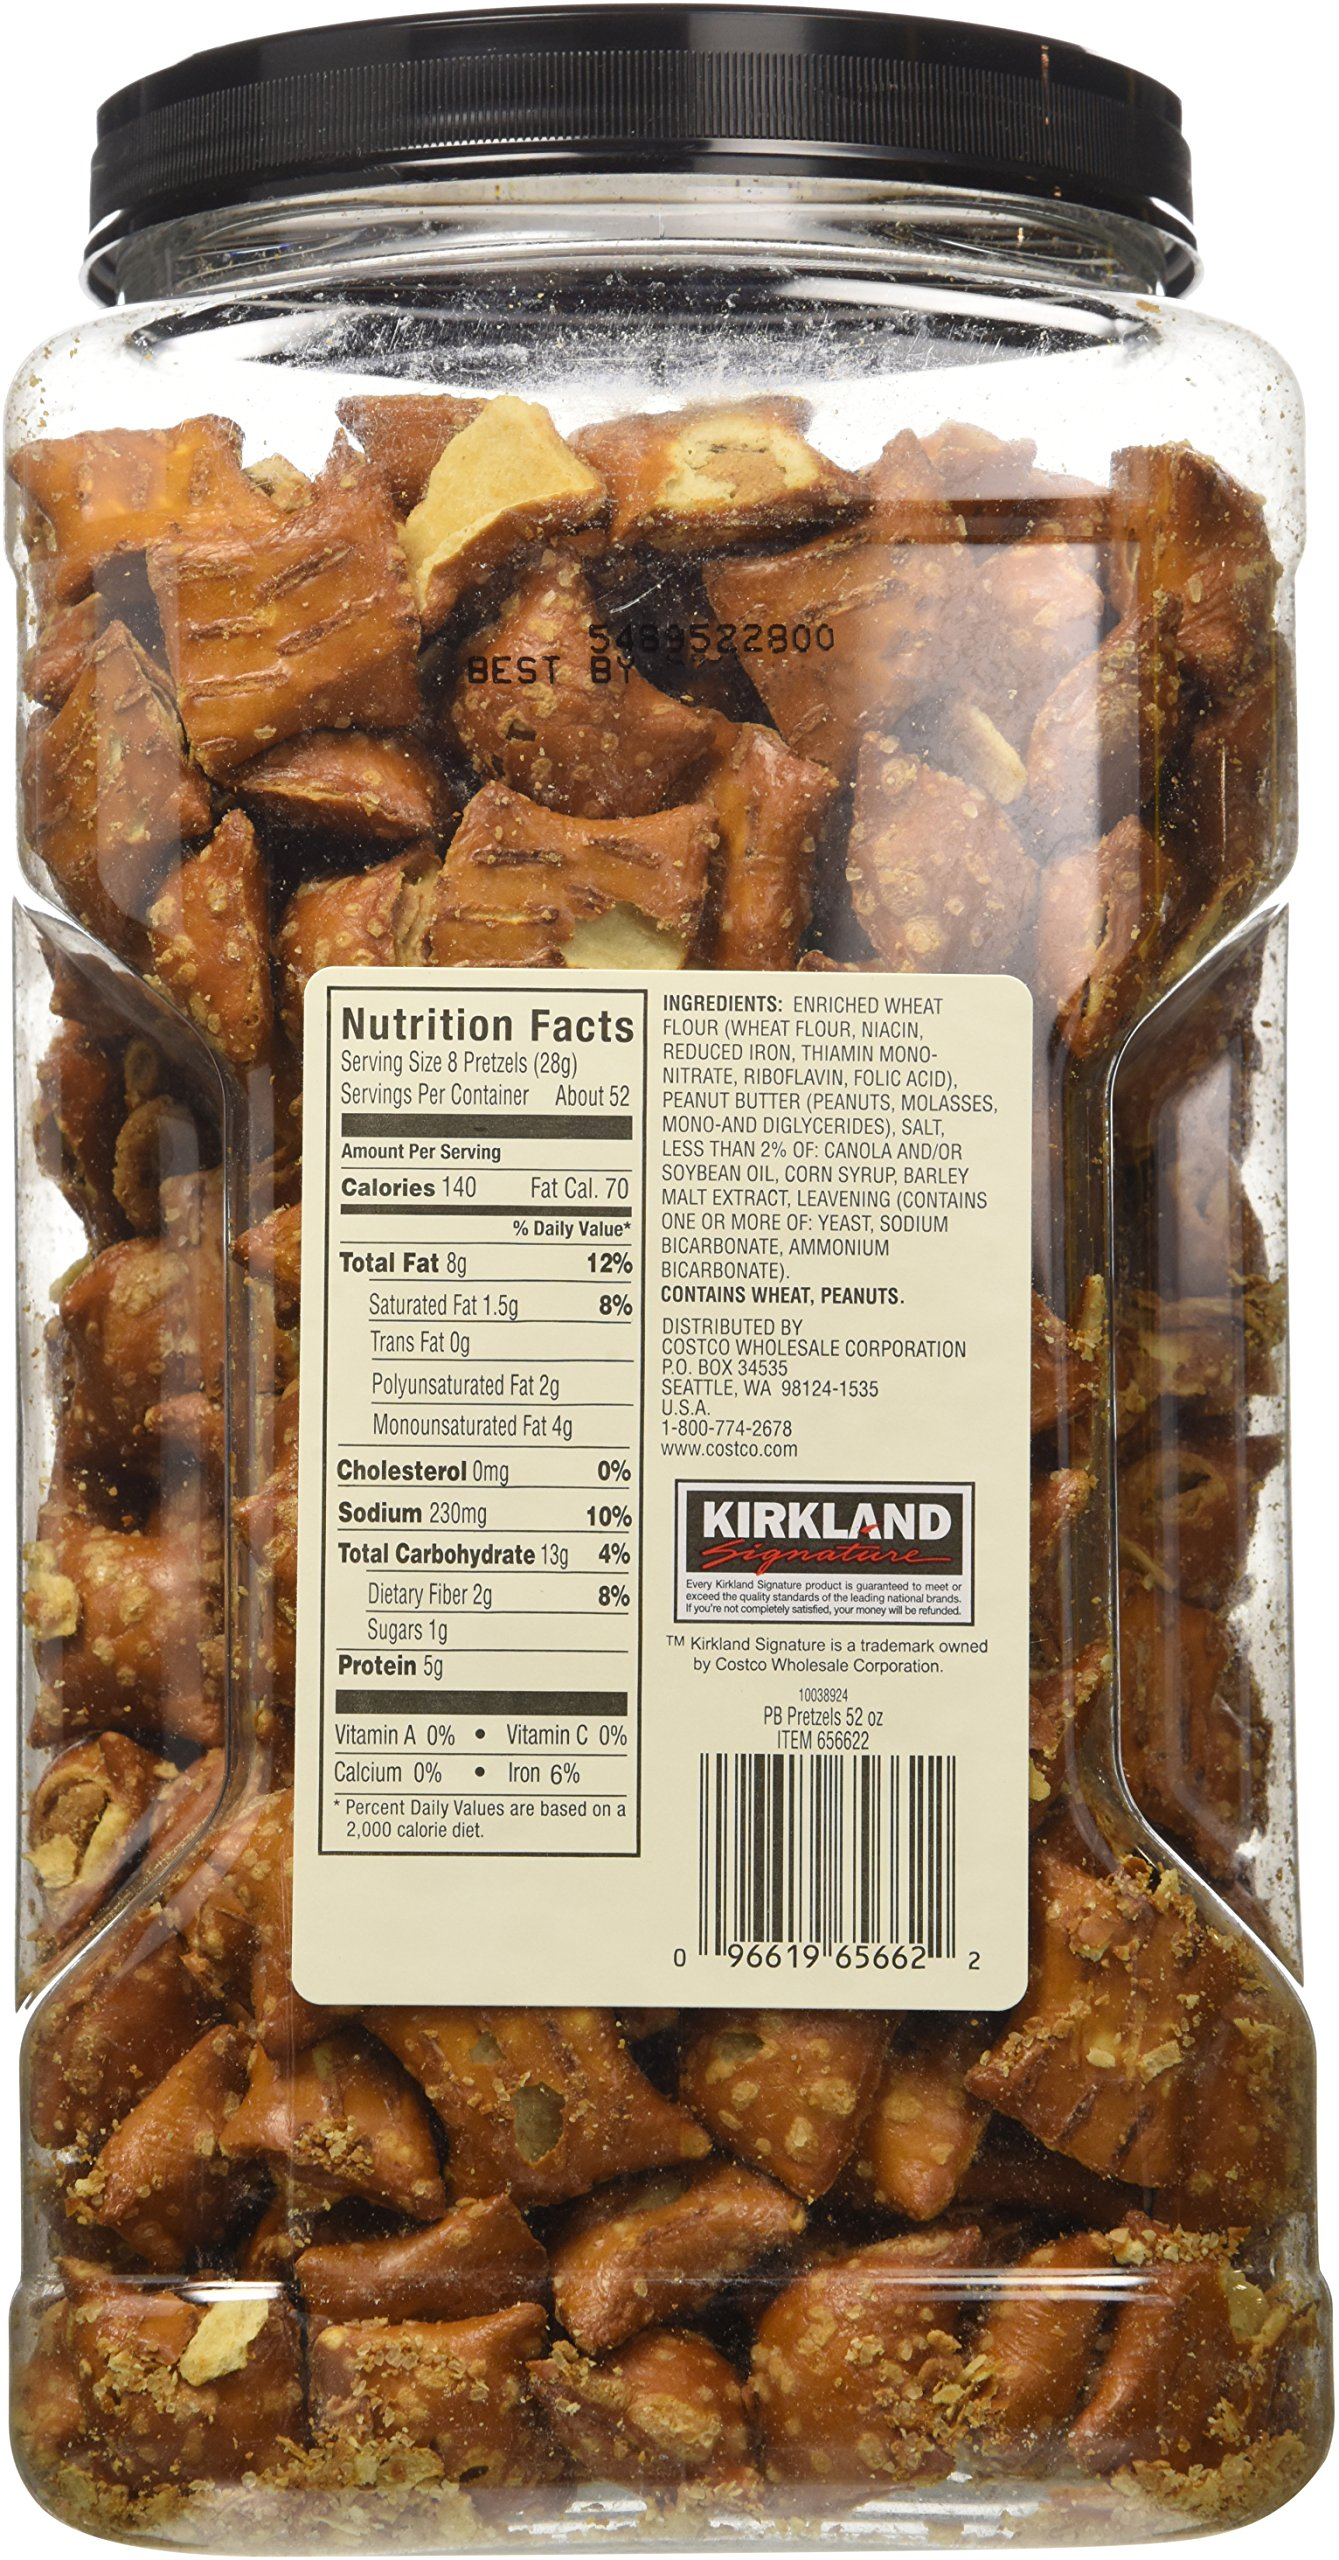 Kirkland Hk Anderson Peanut Butter Filled Pretzels 3 Lb (Pack of 2) by Kirkland Signature (Image #4)